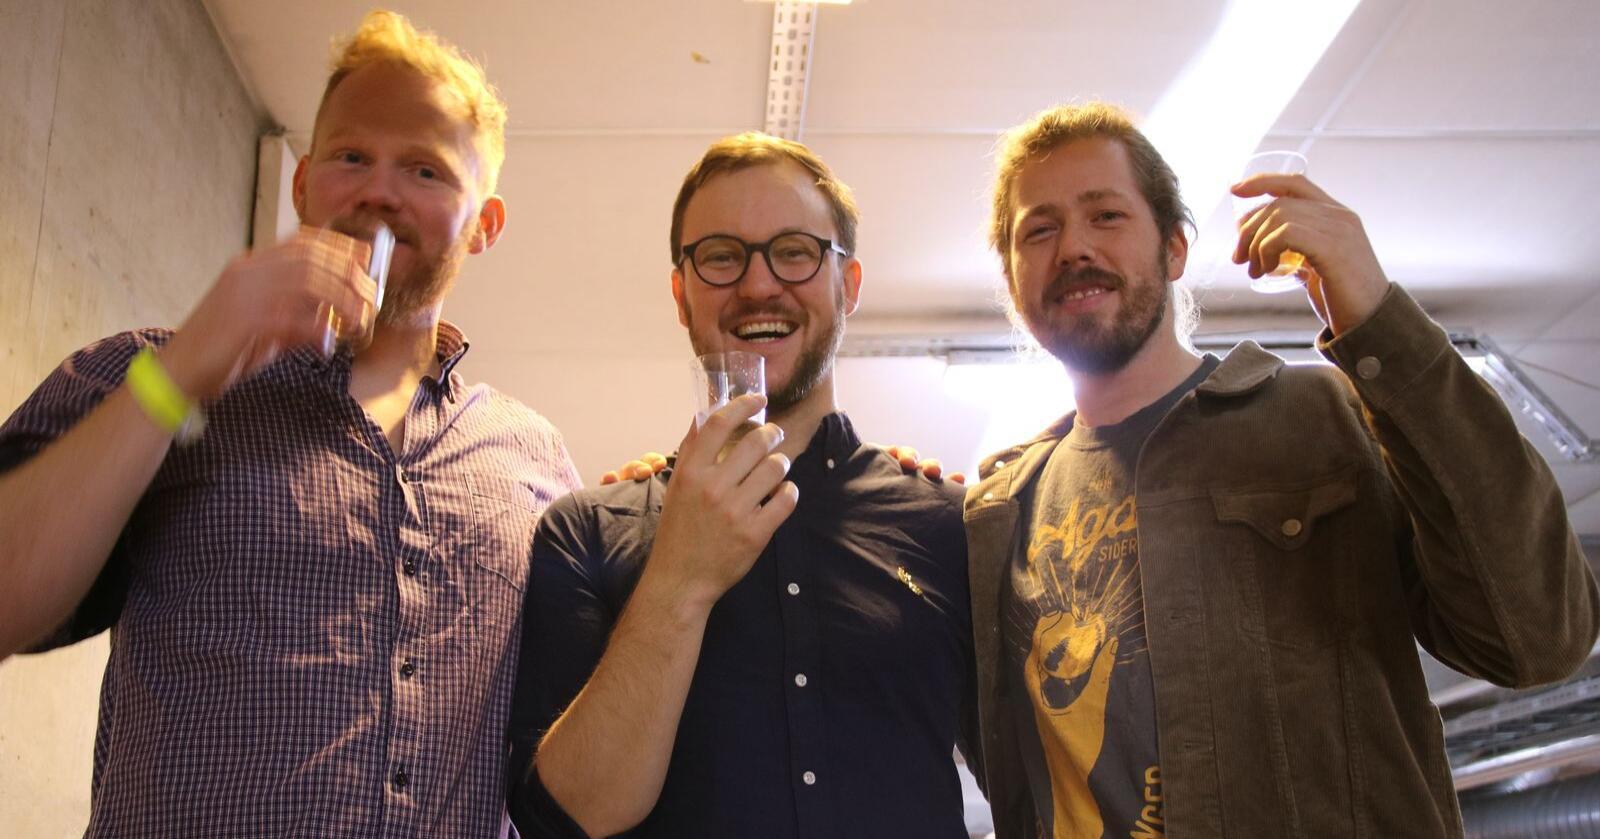 Eplebonde og siderprodusent Olav Bleie (t.v.) har suksess med Alde Eplersider og Lotherus Sider. Joar Aga (t.h.) står bak Humlepung (Aga Sideri), som også har seld bra i 2020. Thomas Digervold, øl- og sidersommelier, i midten. Bildet er frå Oste-VM i Bergen i 2018. Foto: Karl Erik Berge